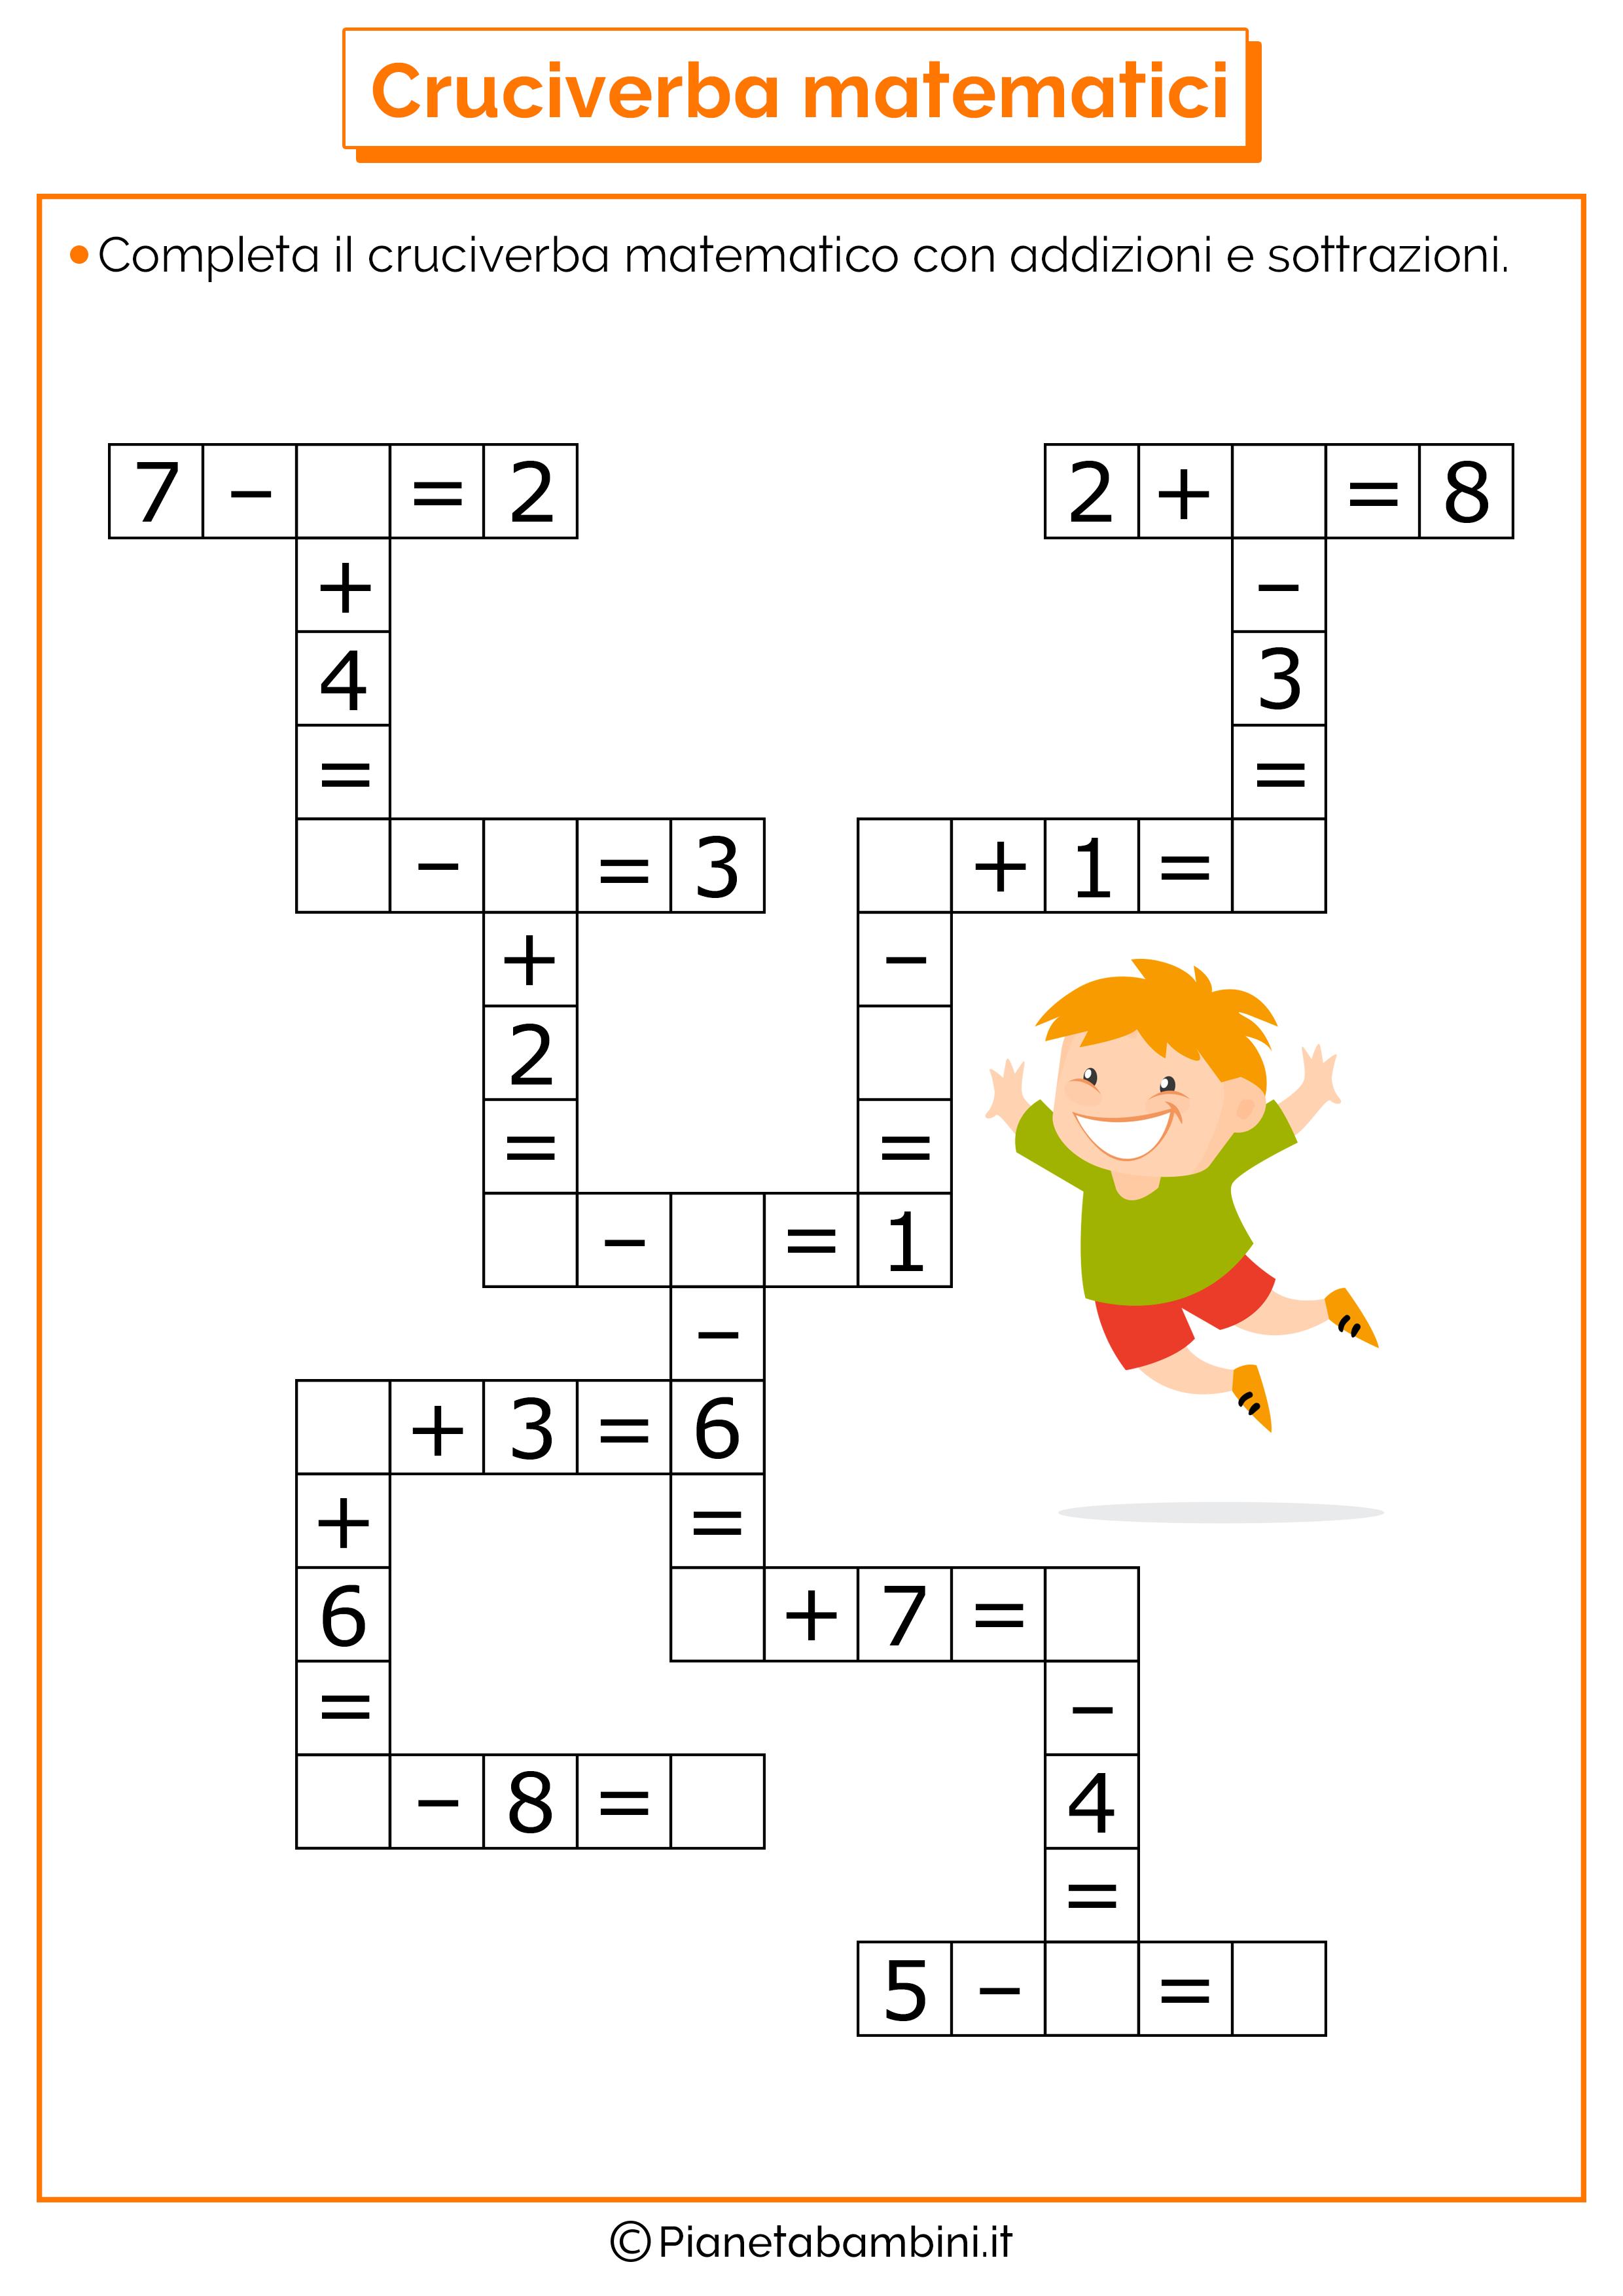 Cruciverba matematici con addizioni e sottrazioni